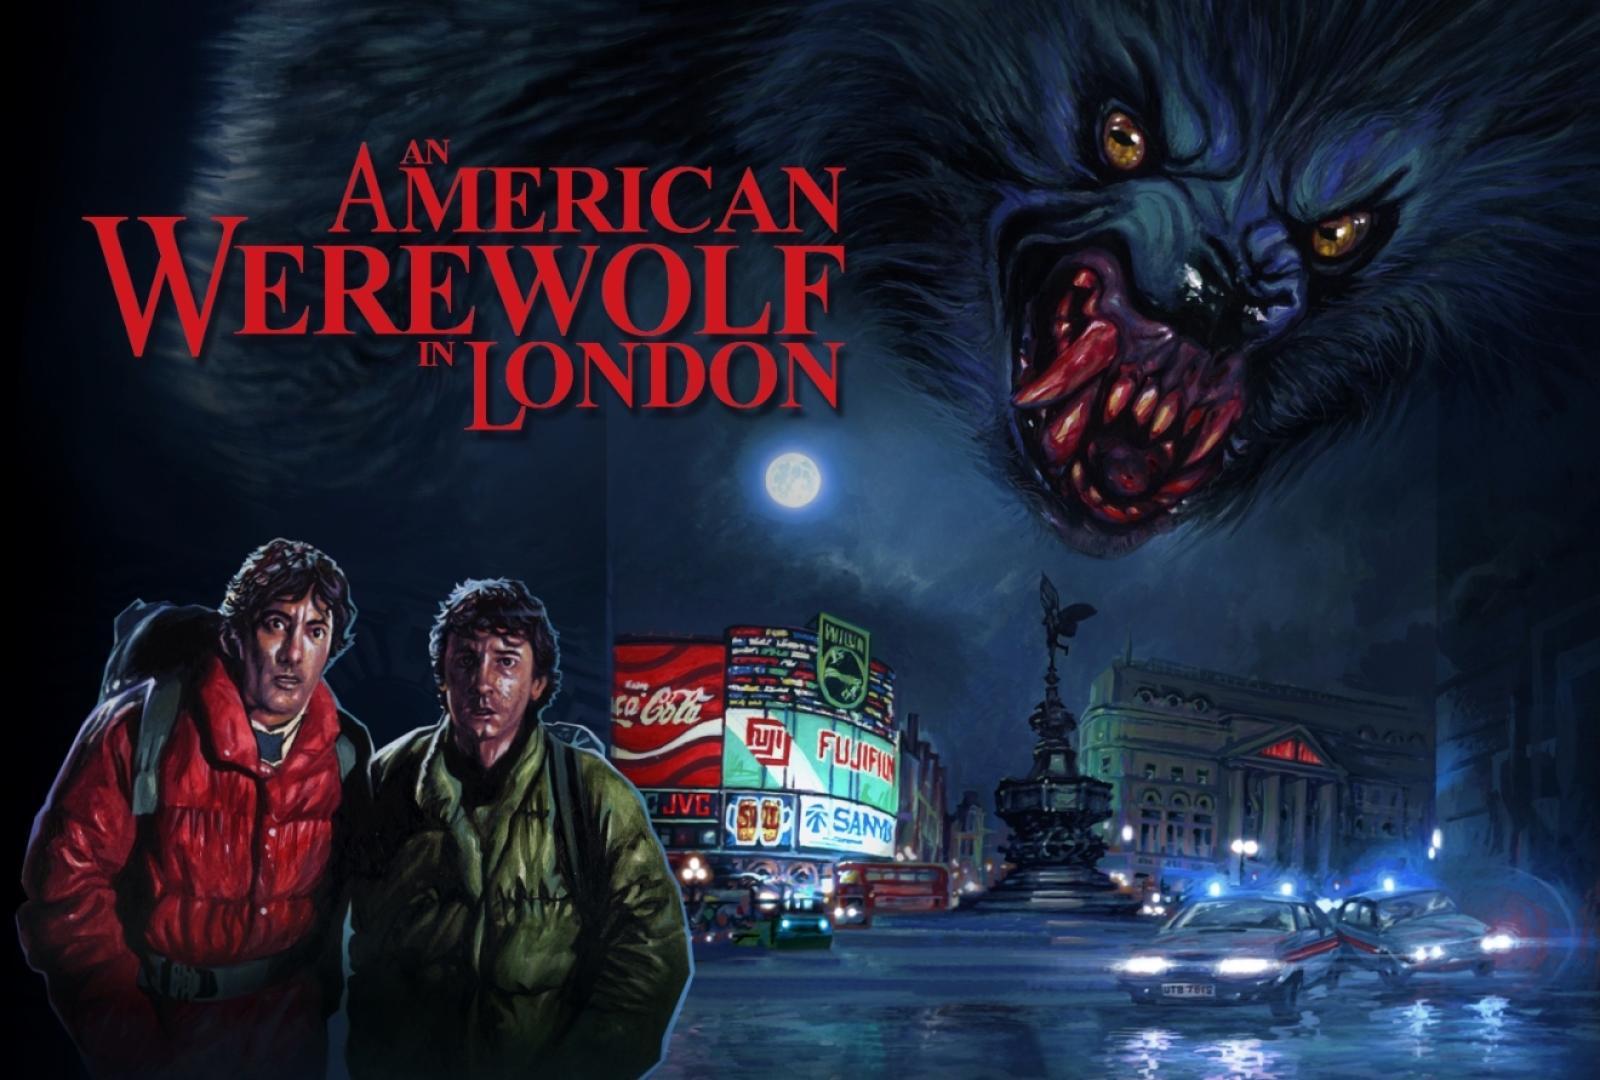 An American Werewolf in London - Egy amerikai farkasember Londonban (1981)